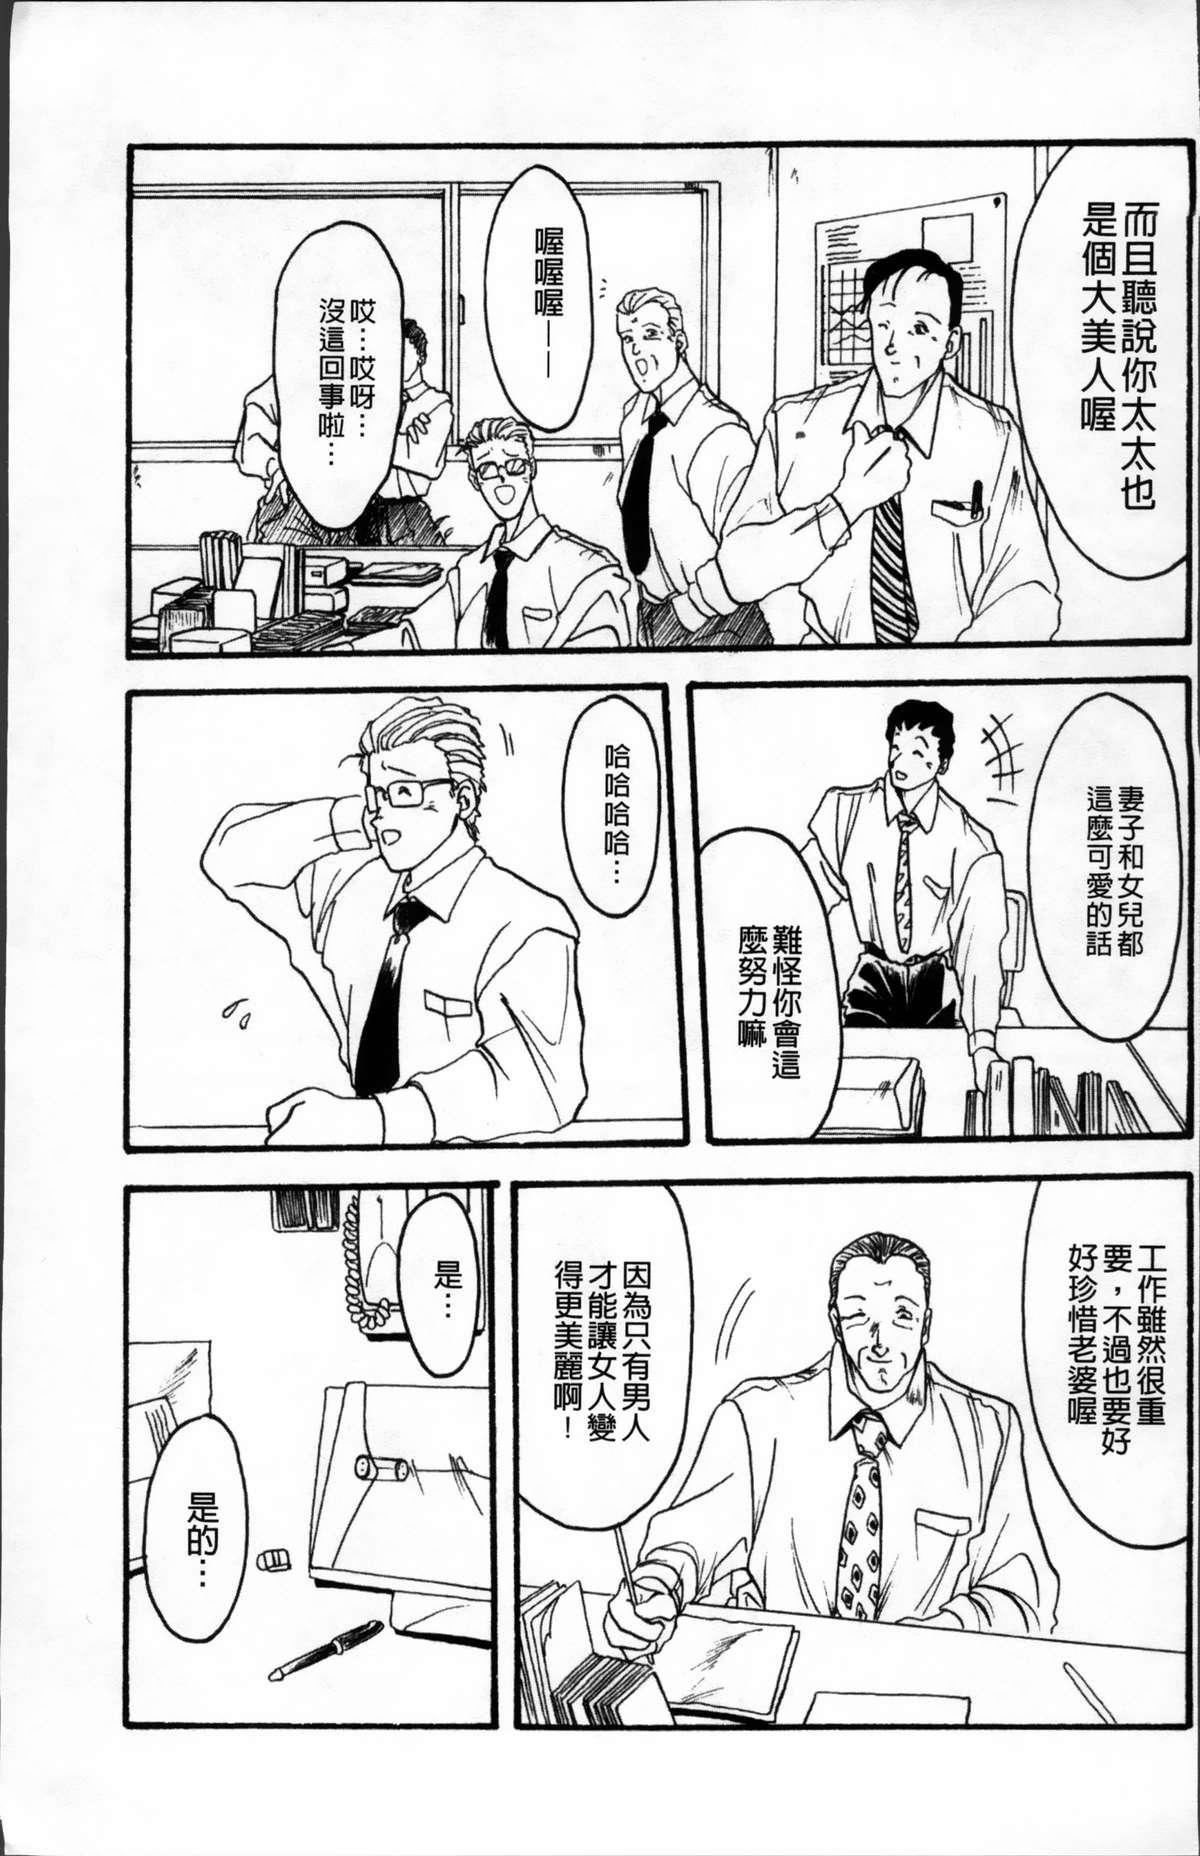 Hiiro no Koku Kanzenban   緋色之刻 完全版 18